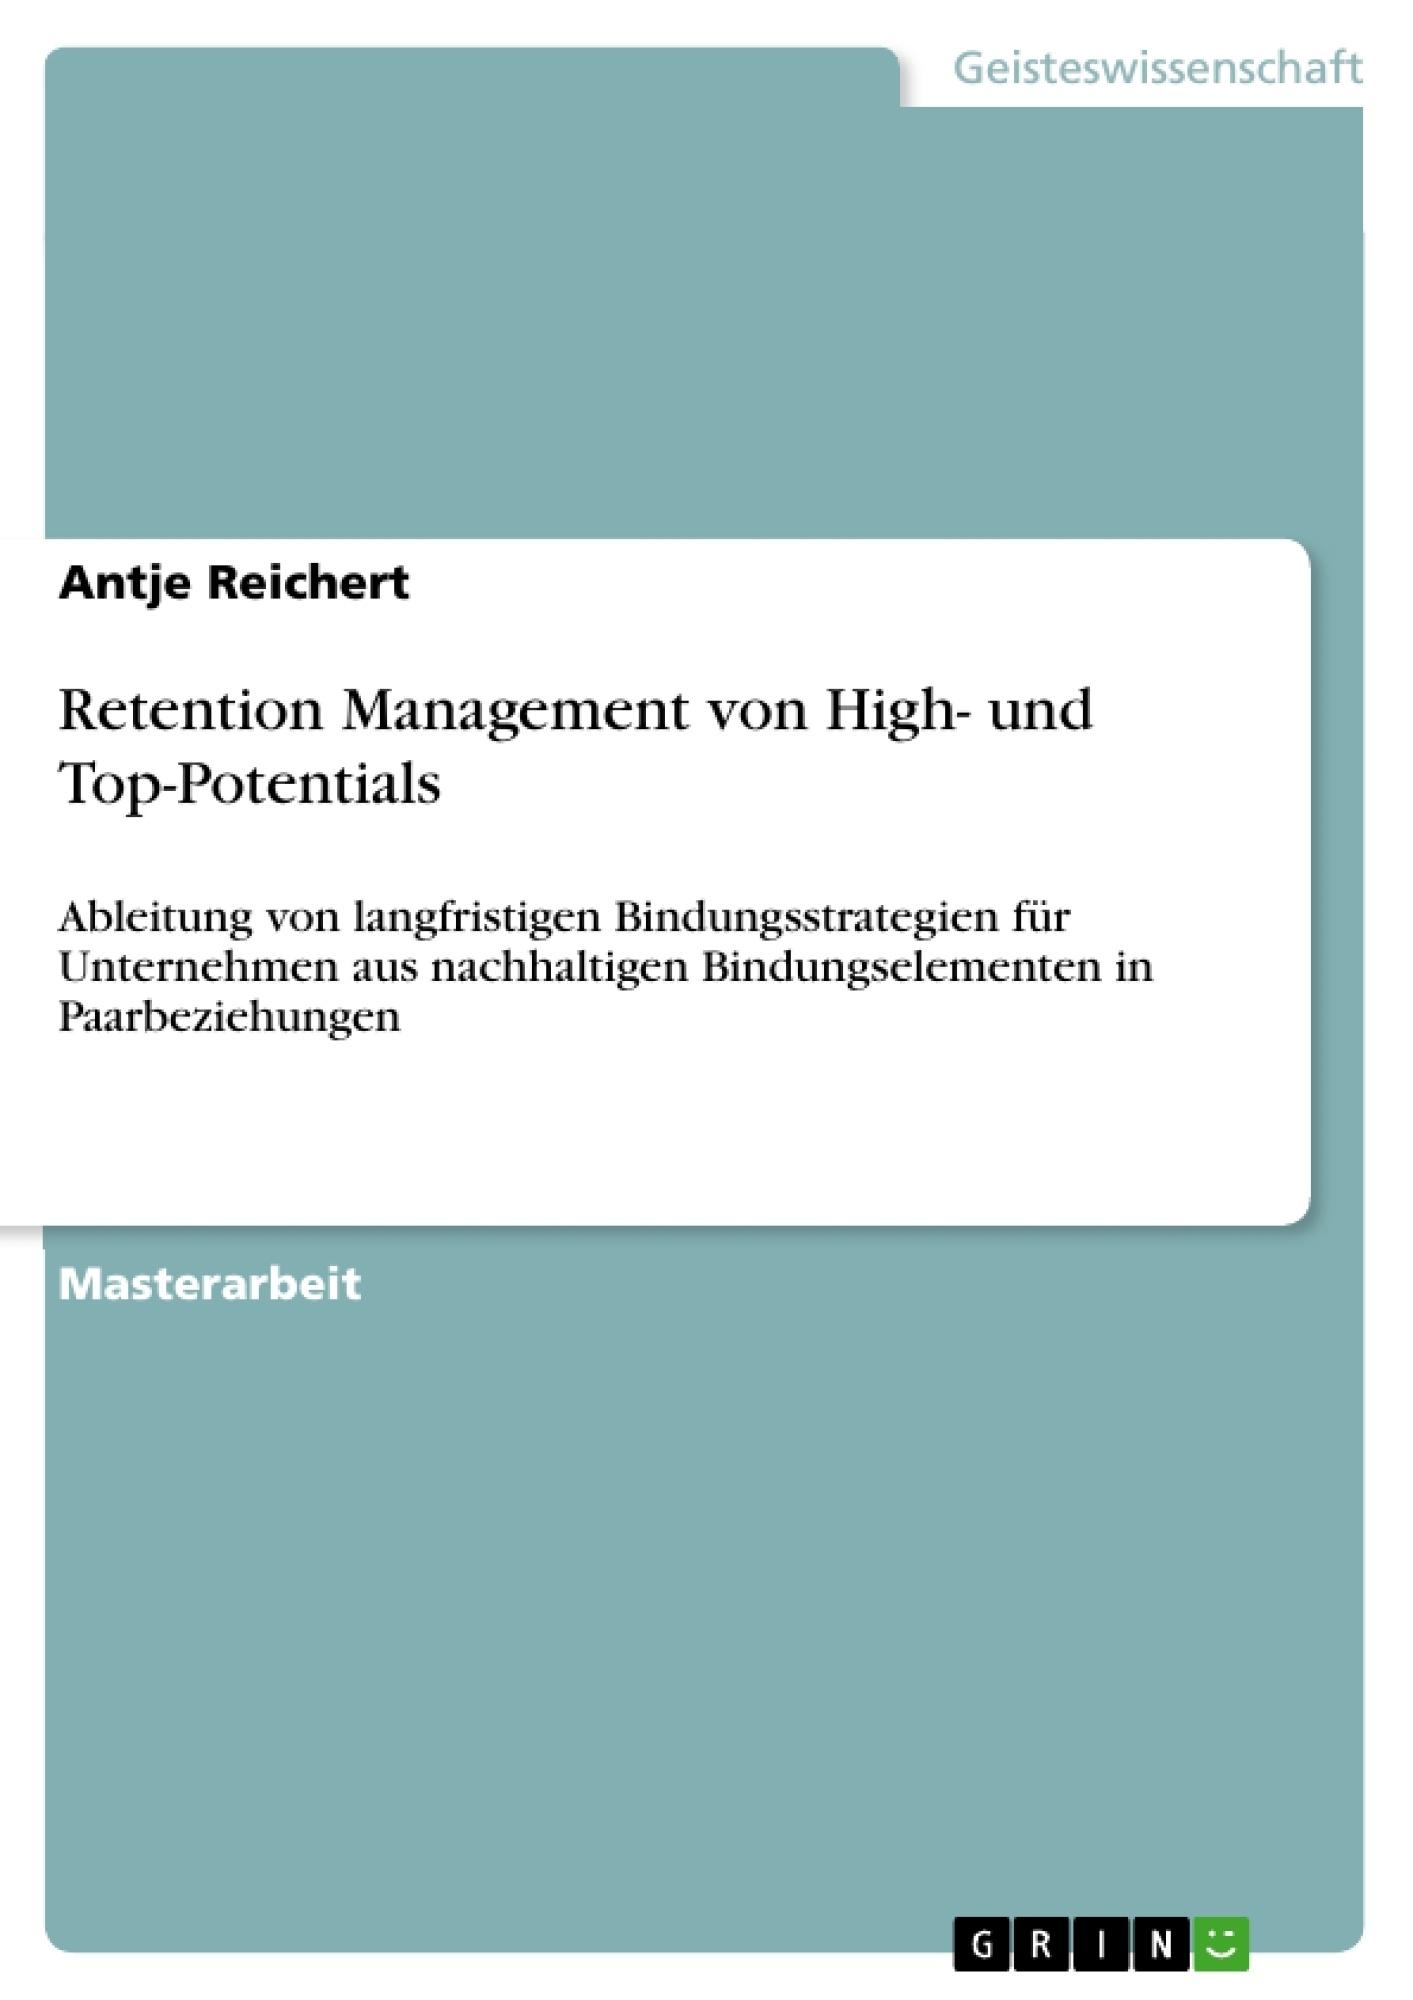 Titel: Retention Management von High- und Top-Potentials